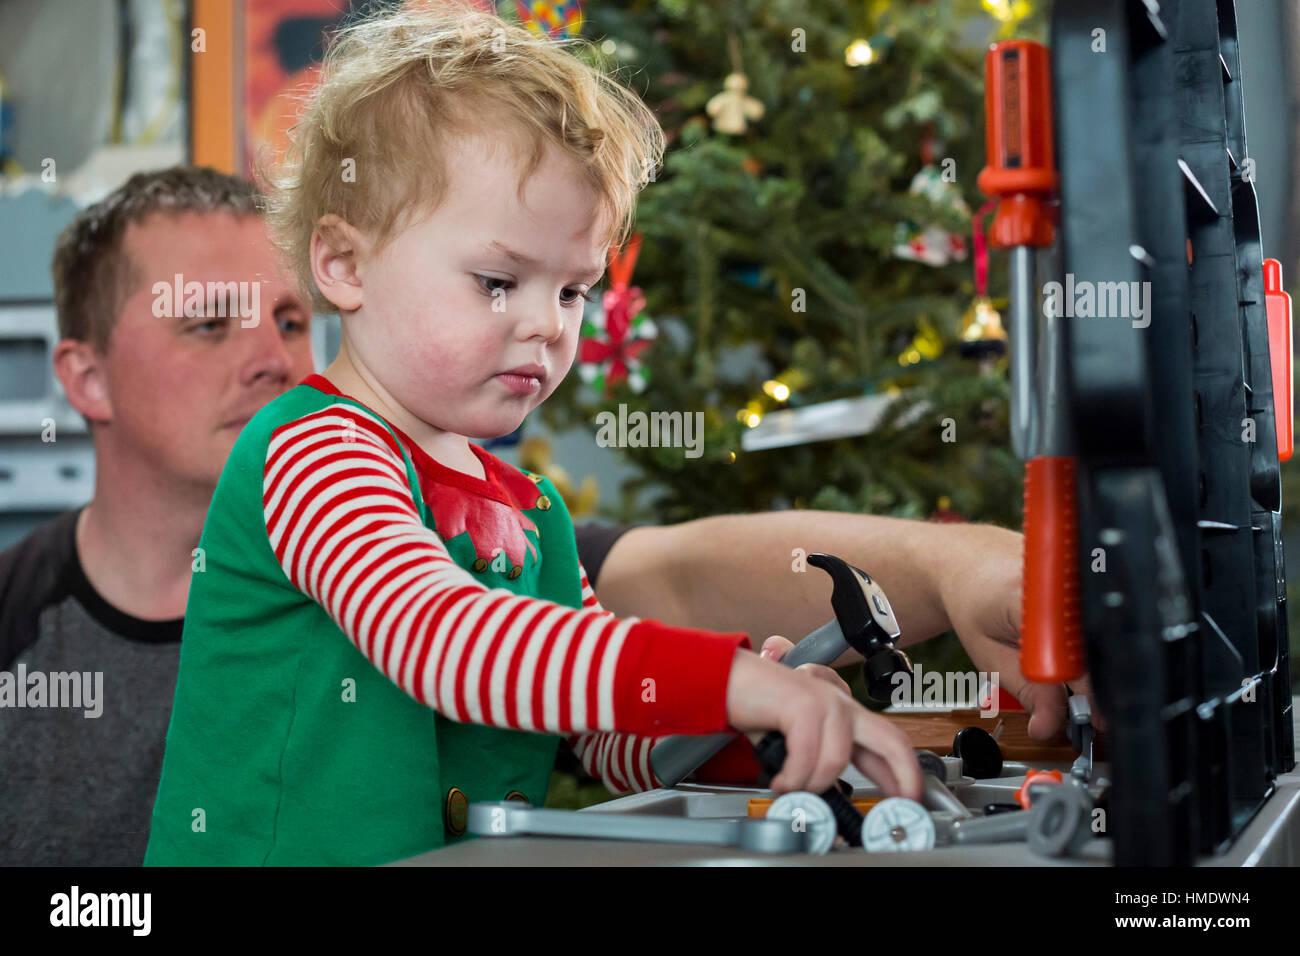 Denver, Colorado - Adam Hjermstad Jr., 2 1/2, joue avec un jeu d'outils qu'il possède pour Noël Photo Stock